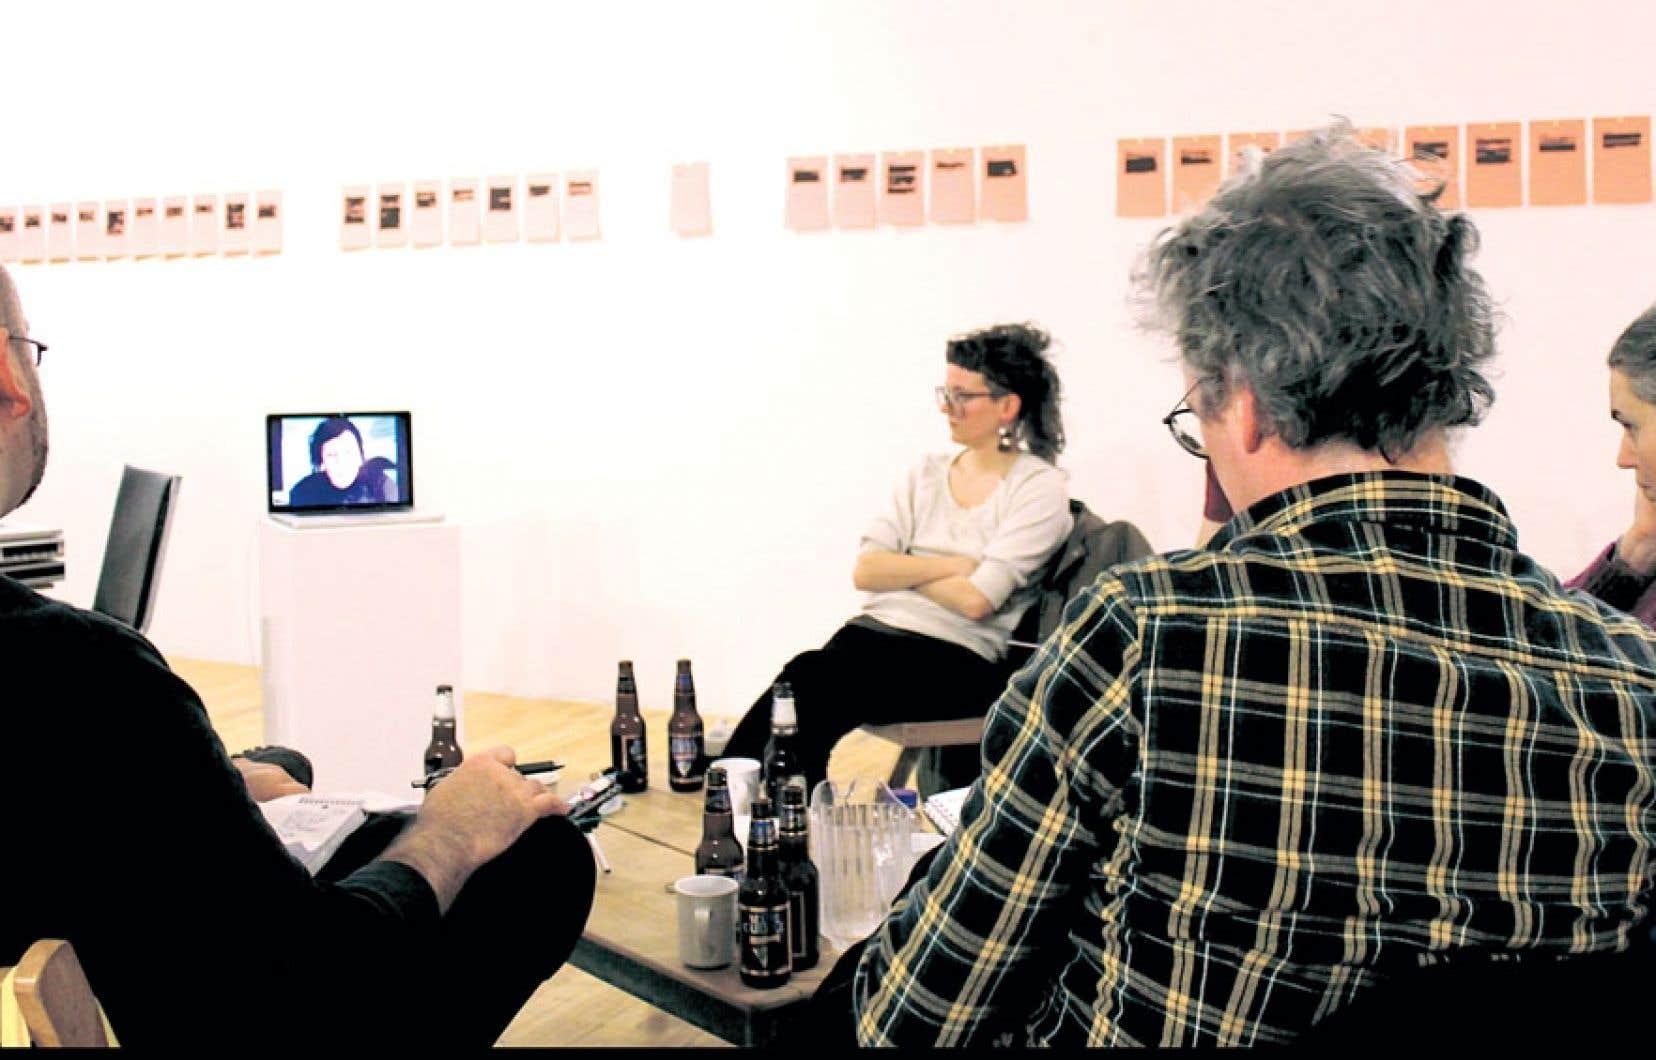 Le Centre des arts actuels Skol présente l'exposition Faut-il se couper la langue ?, d'Edith Brunette.